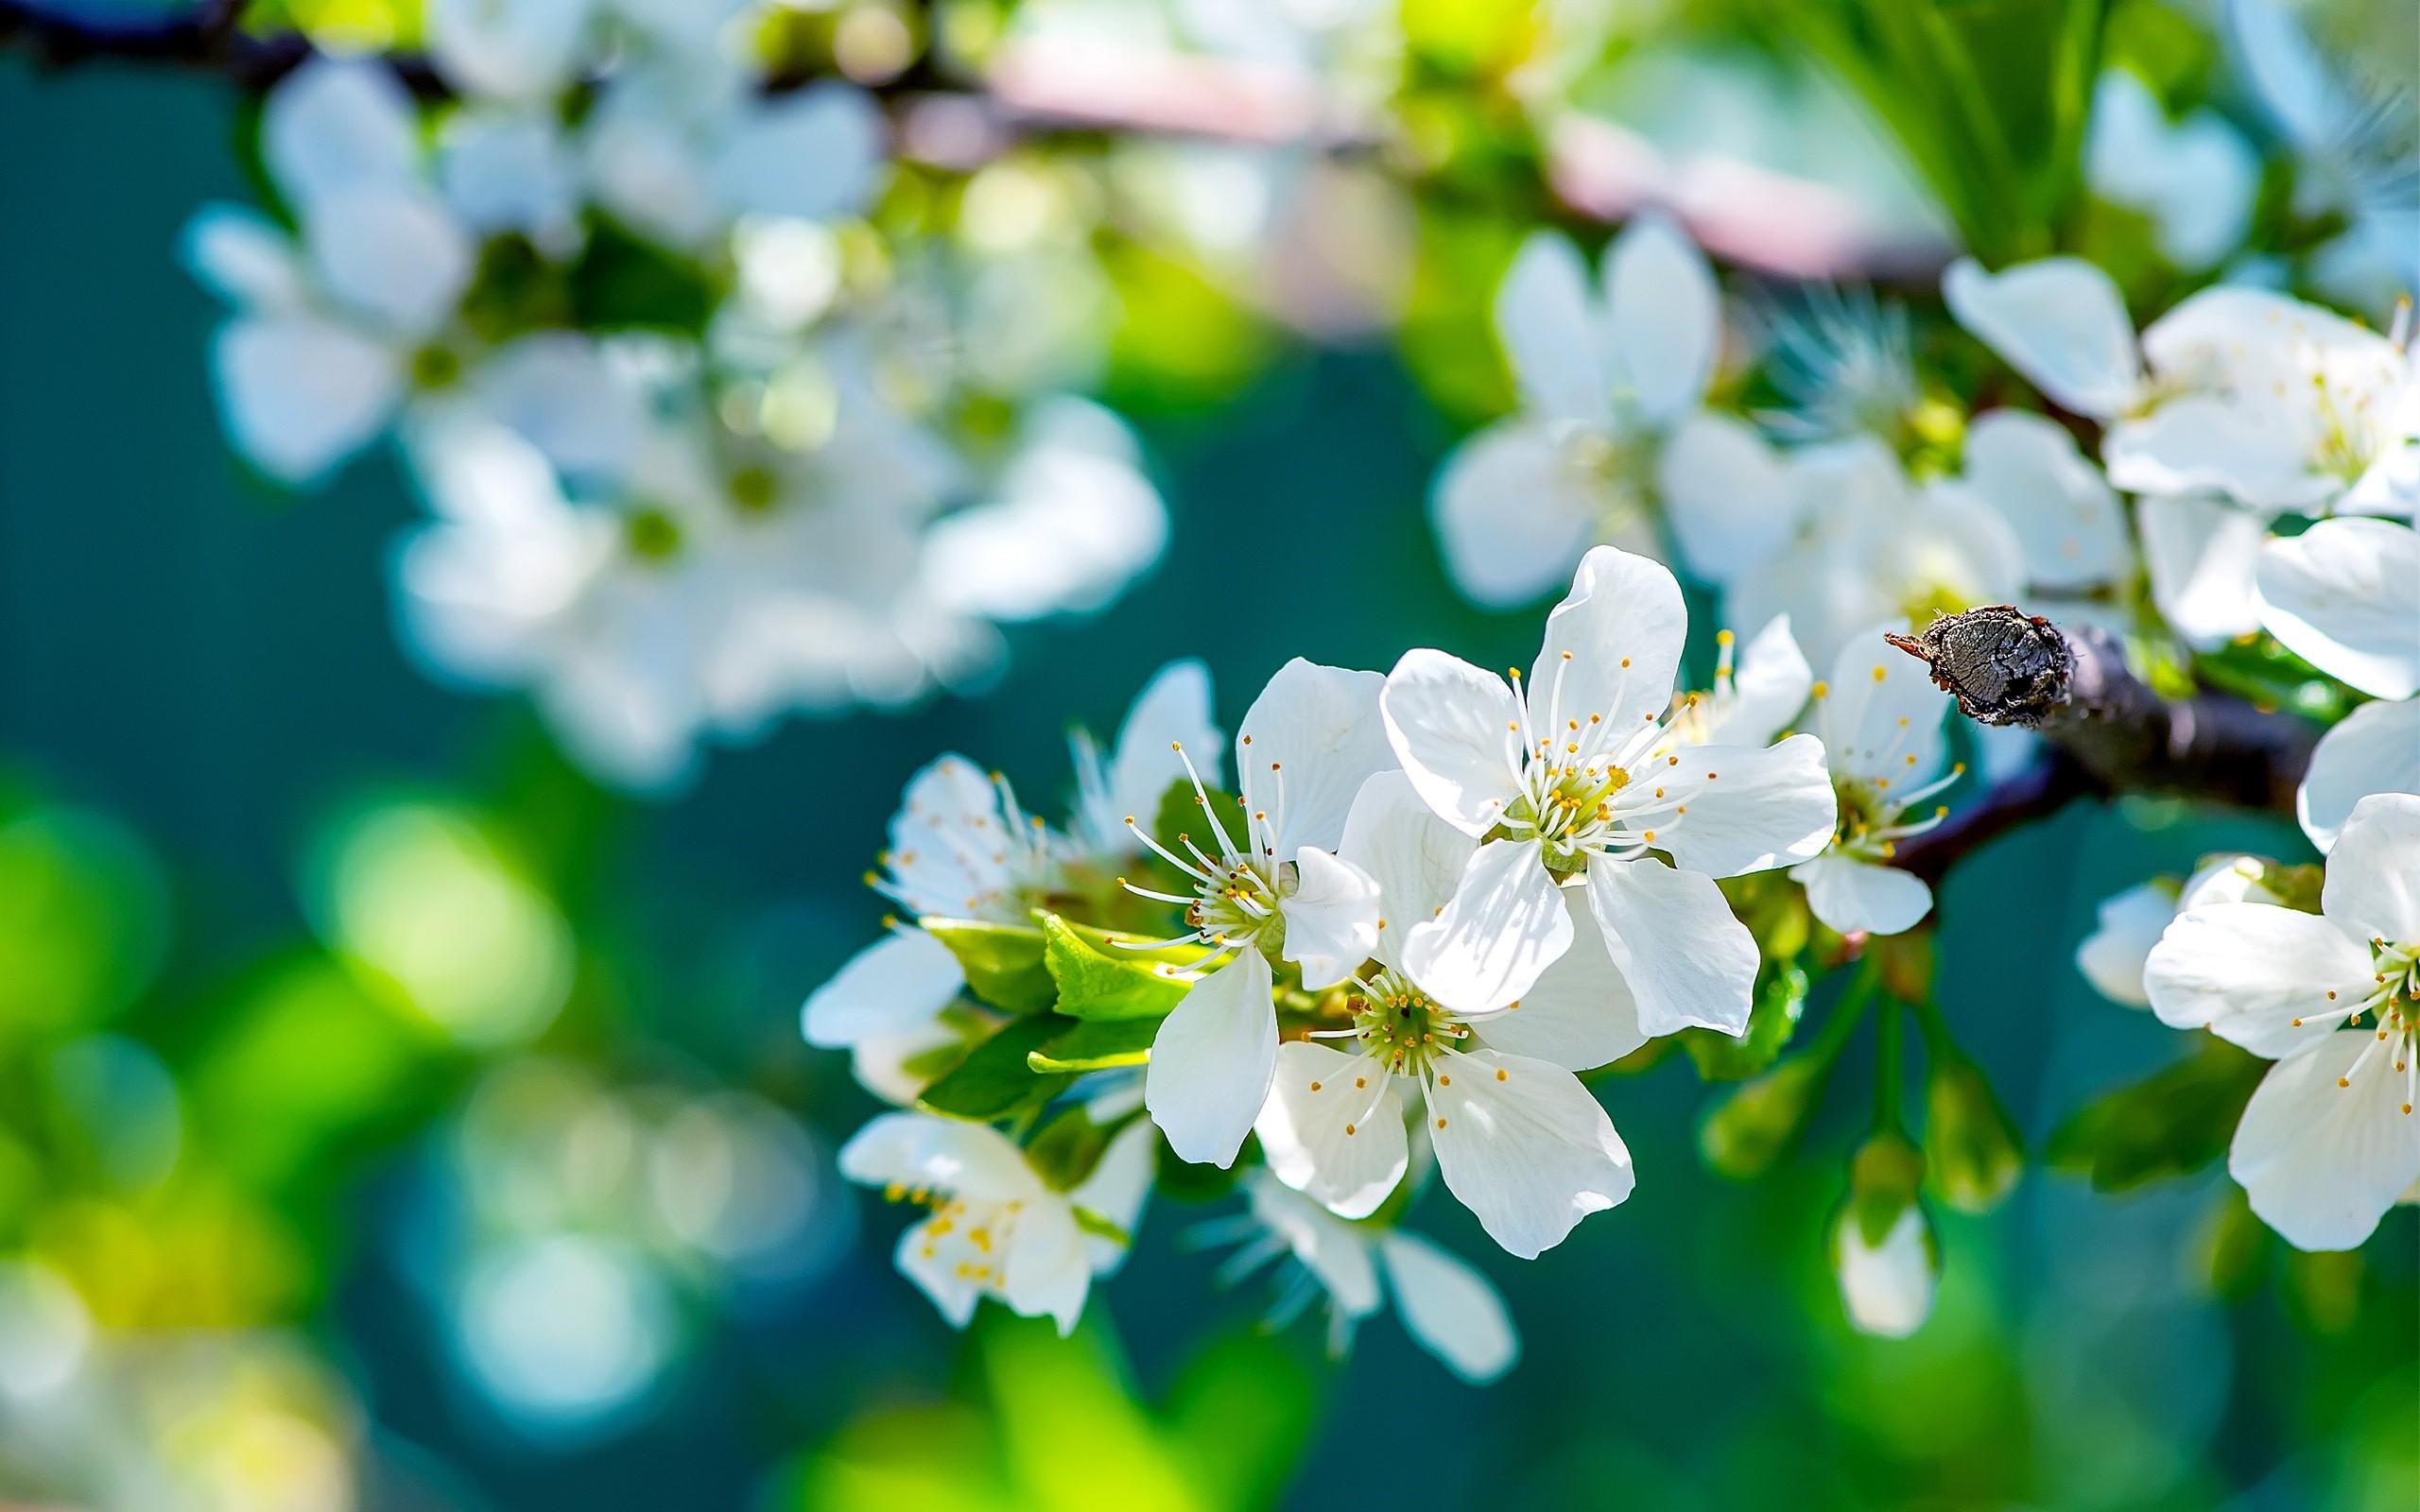 Fondos de pantalla Flores de un manzano